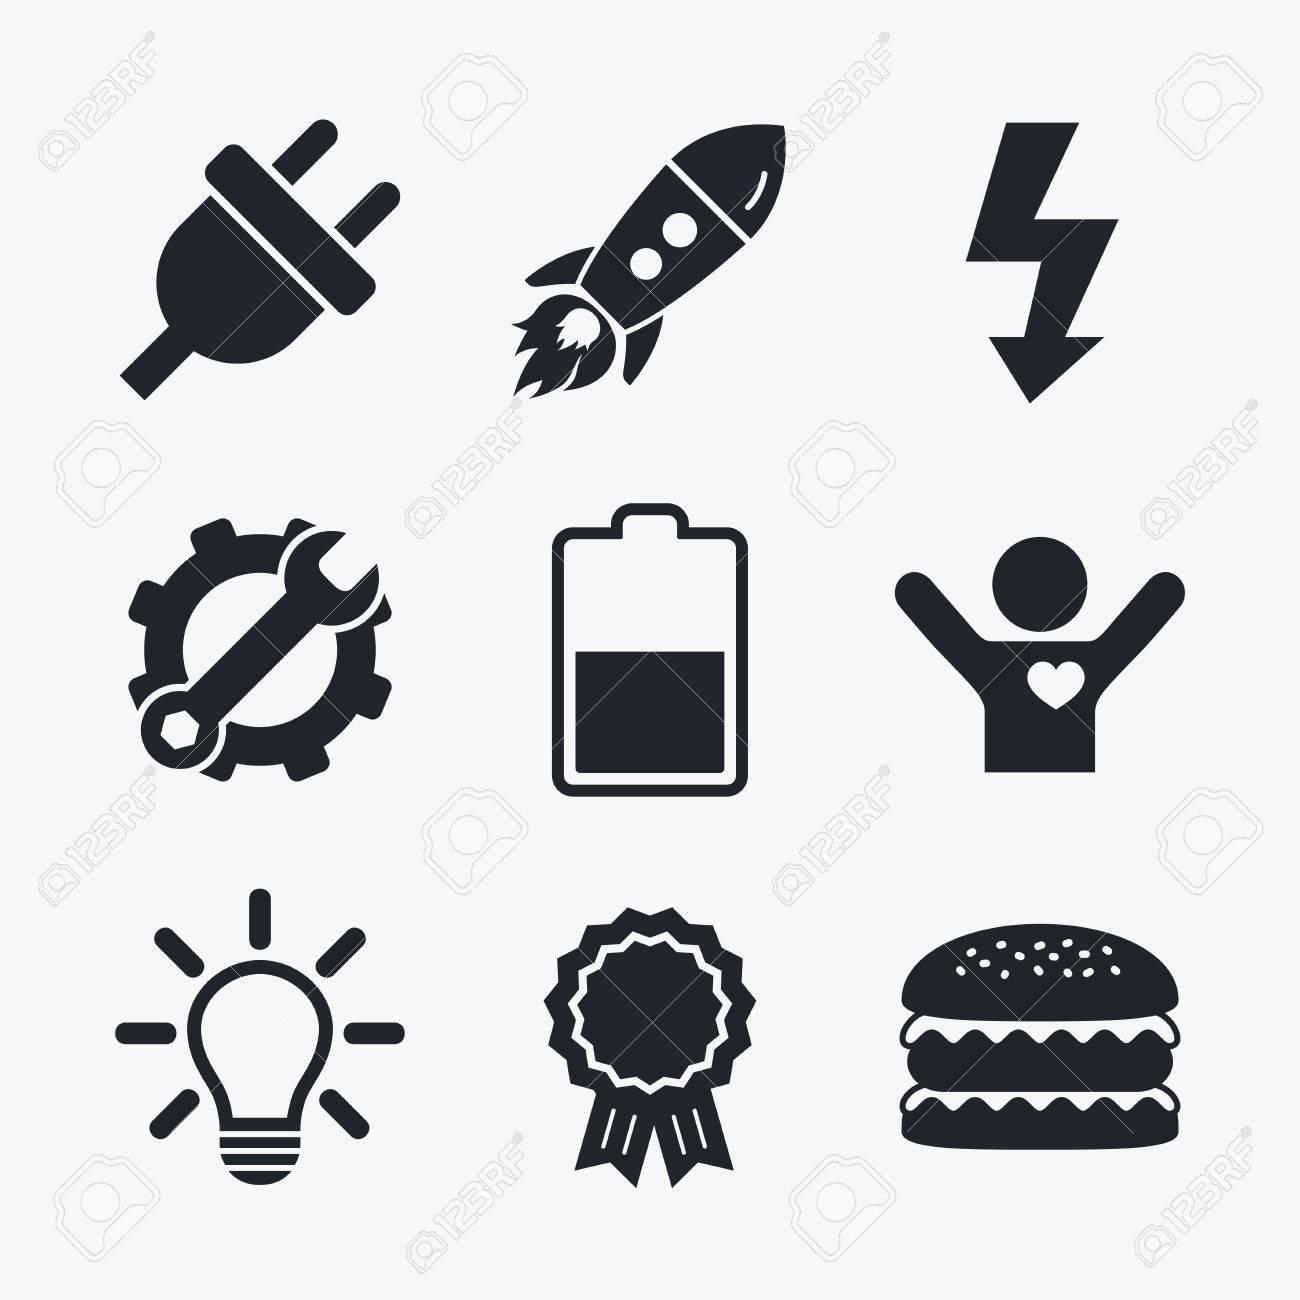 Ziemlich Symbole Die Licht Darstellen Bilder - Elektrische ...